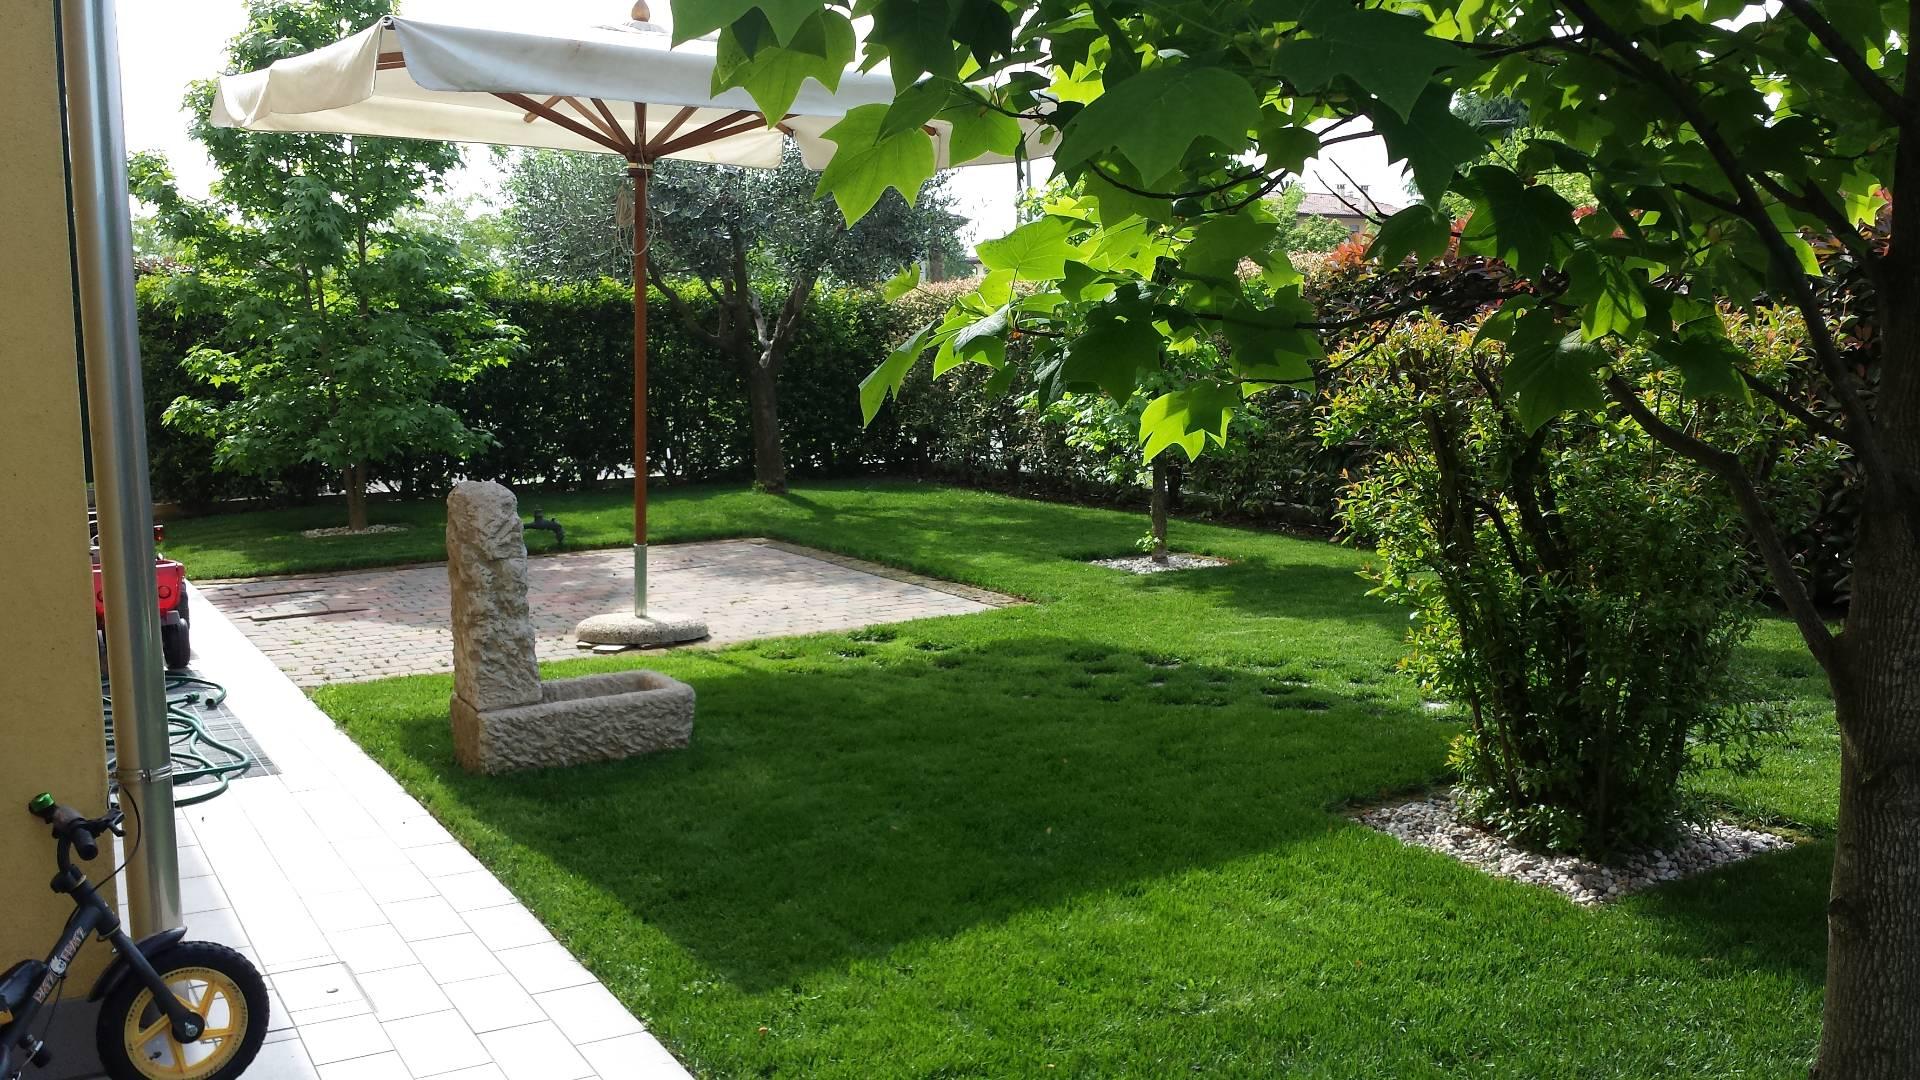 Appartamento in vendita a Montebelluna, 3 locali, zona Località: SanGaetano, prezzo € 125.000 | Cambio Casa.it